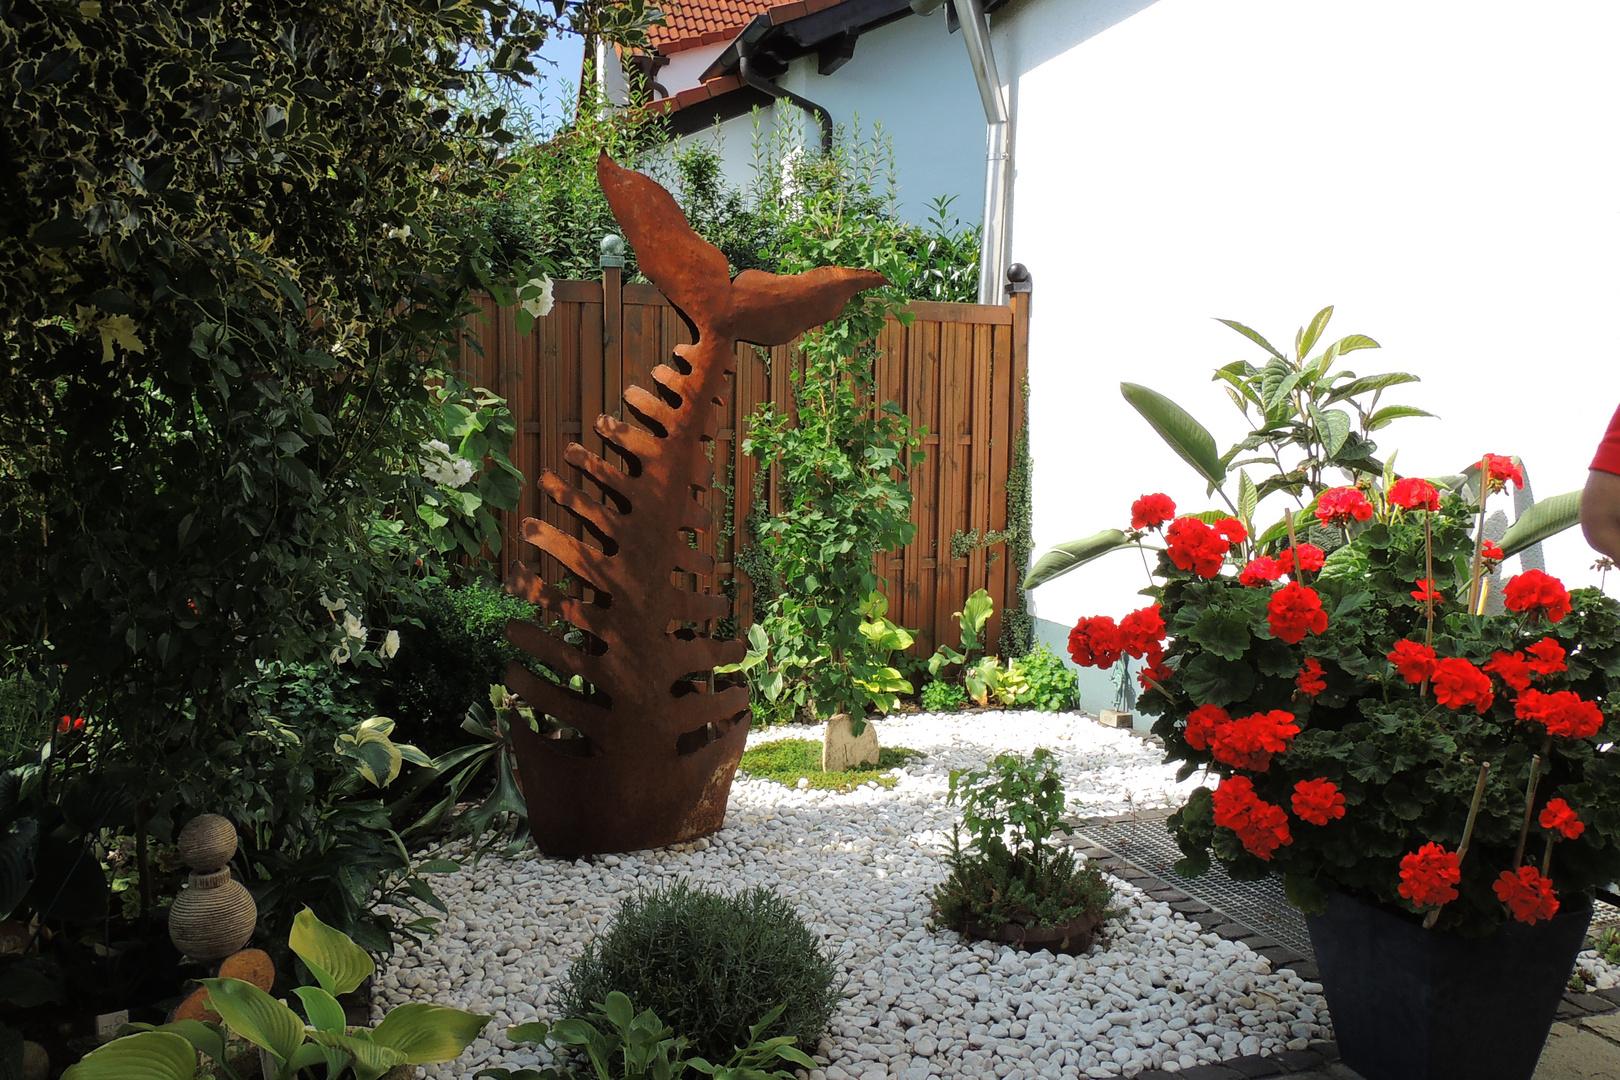 Pflanzen und Kunst vereint